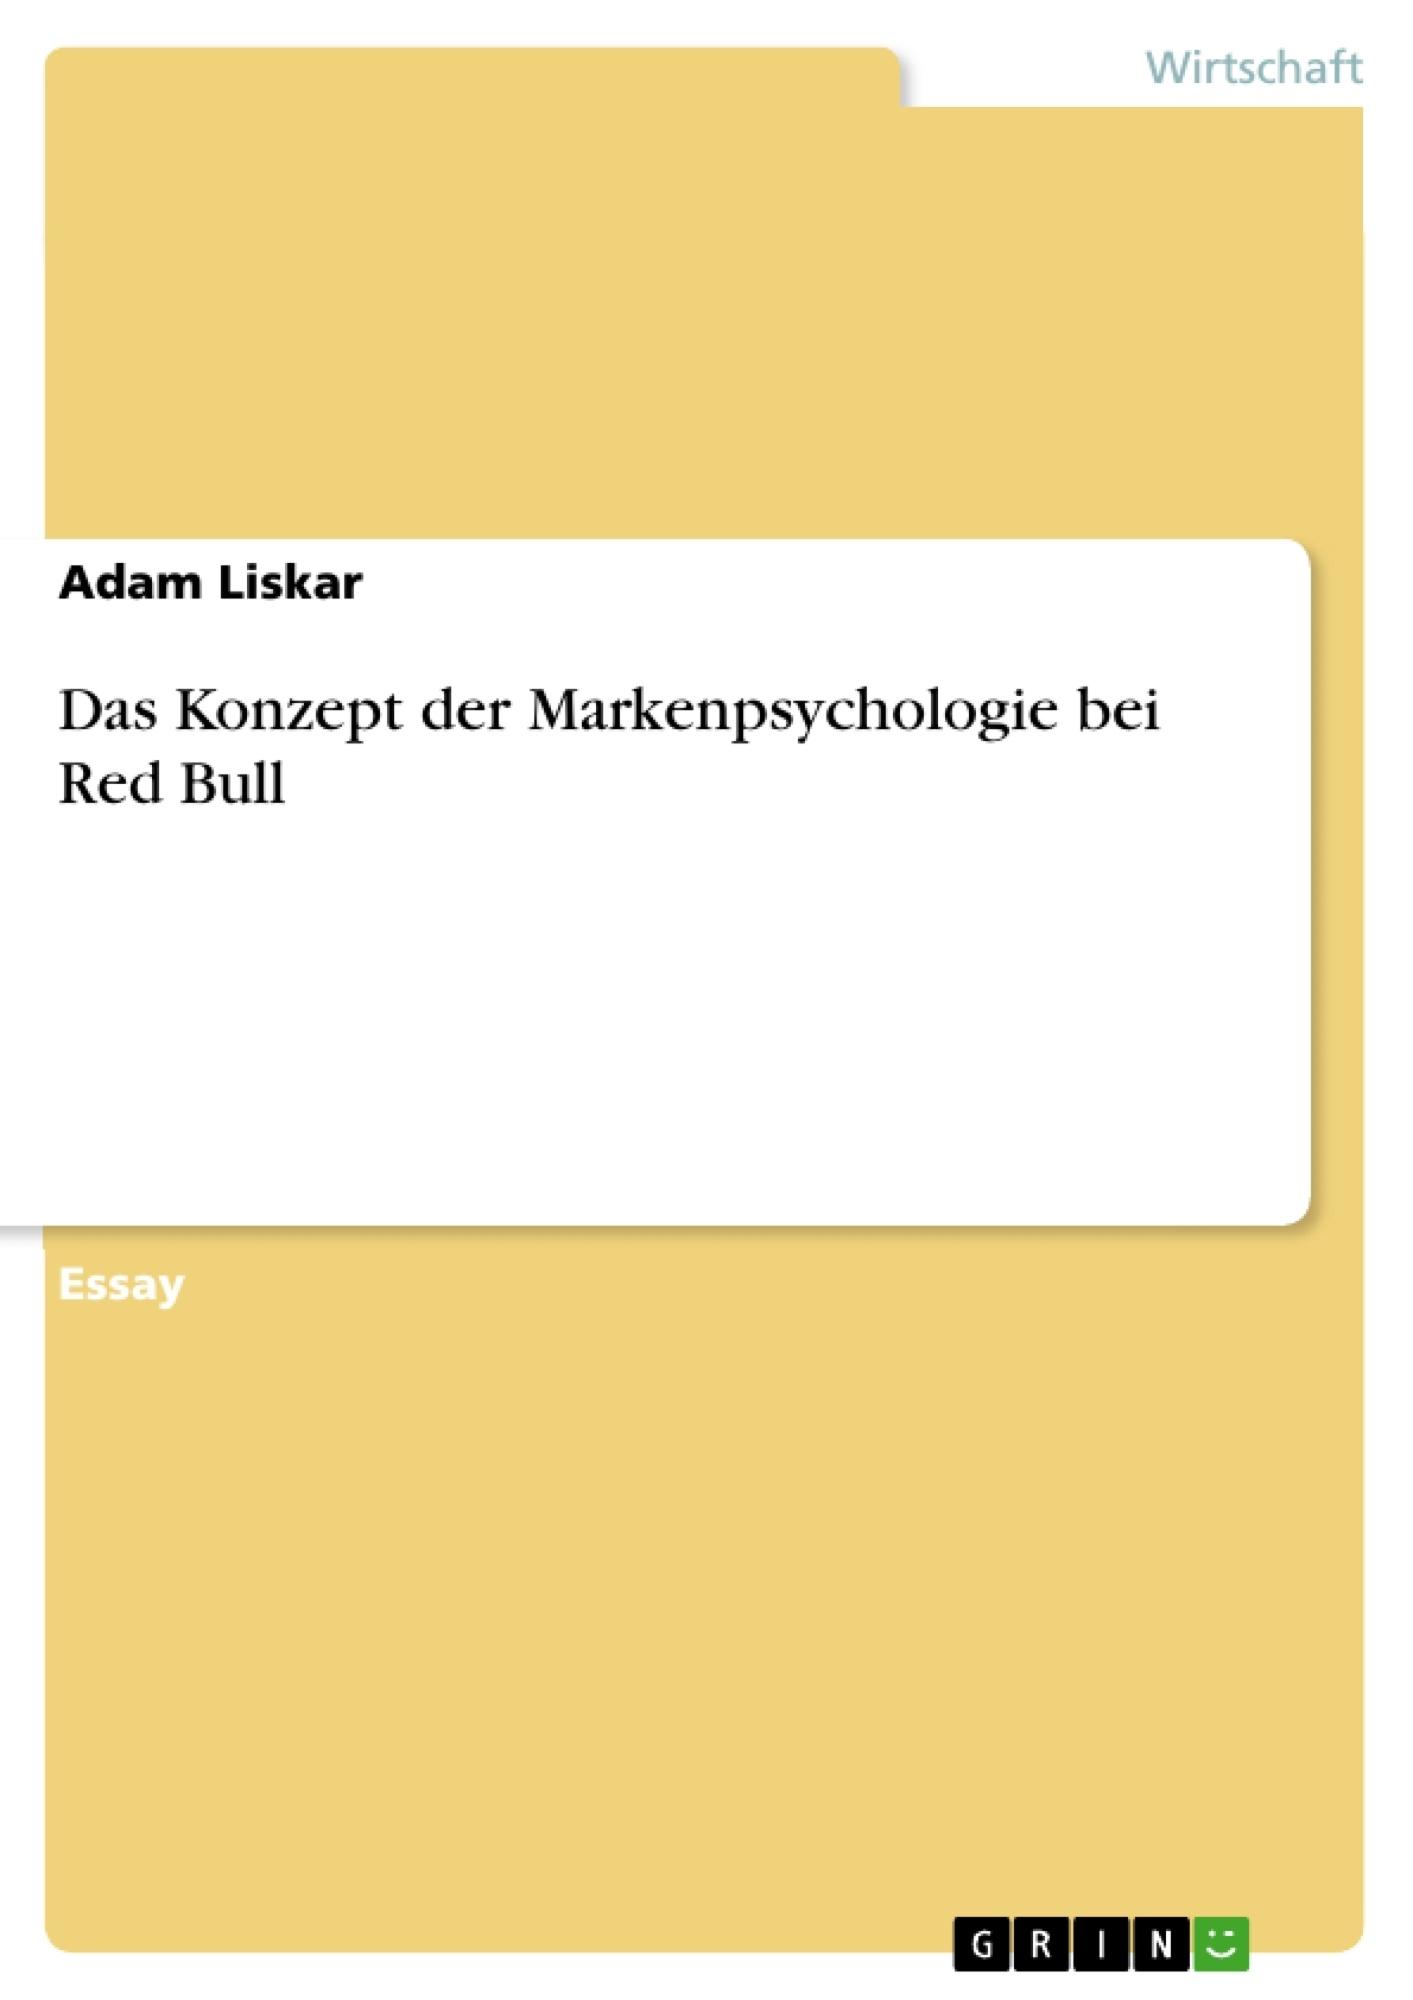 Titel: Das Konzept der Markenpsychologie bei Red Bull